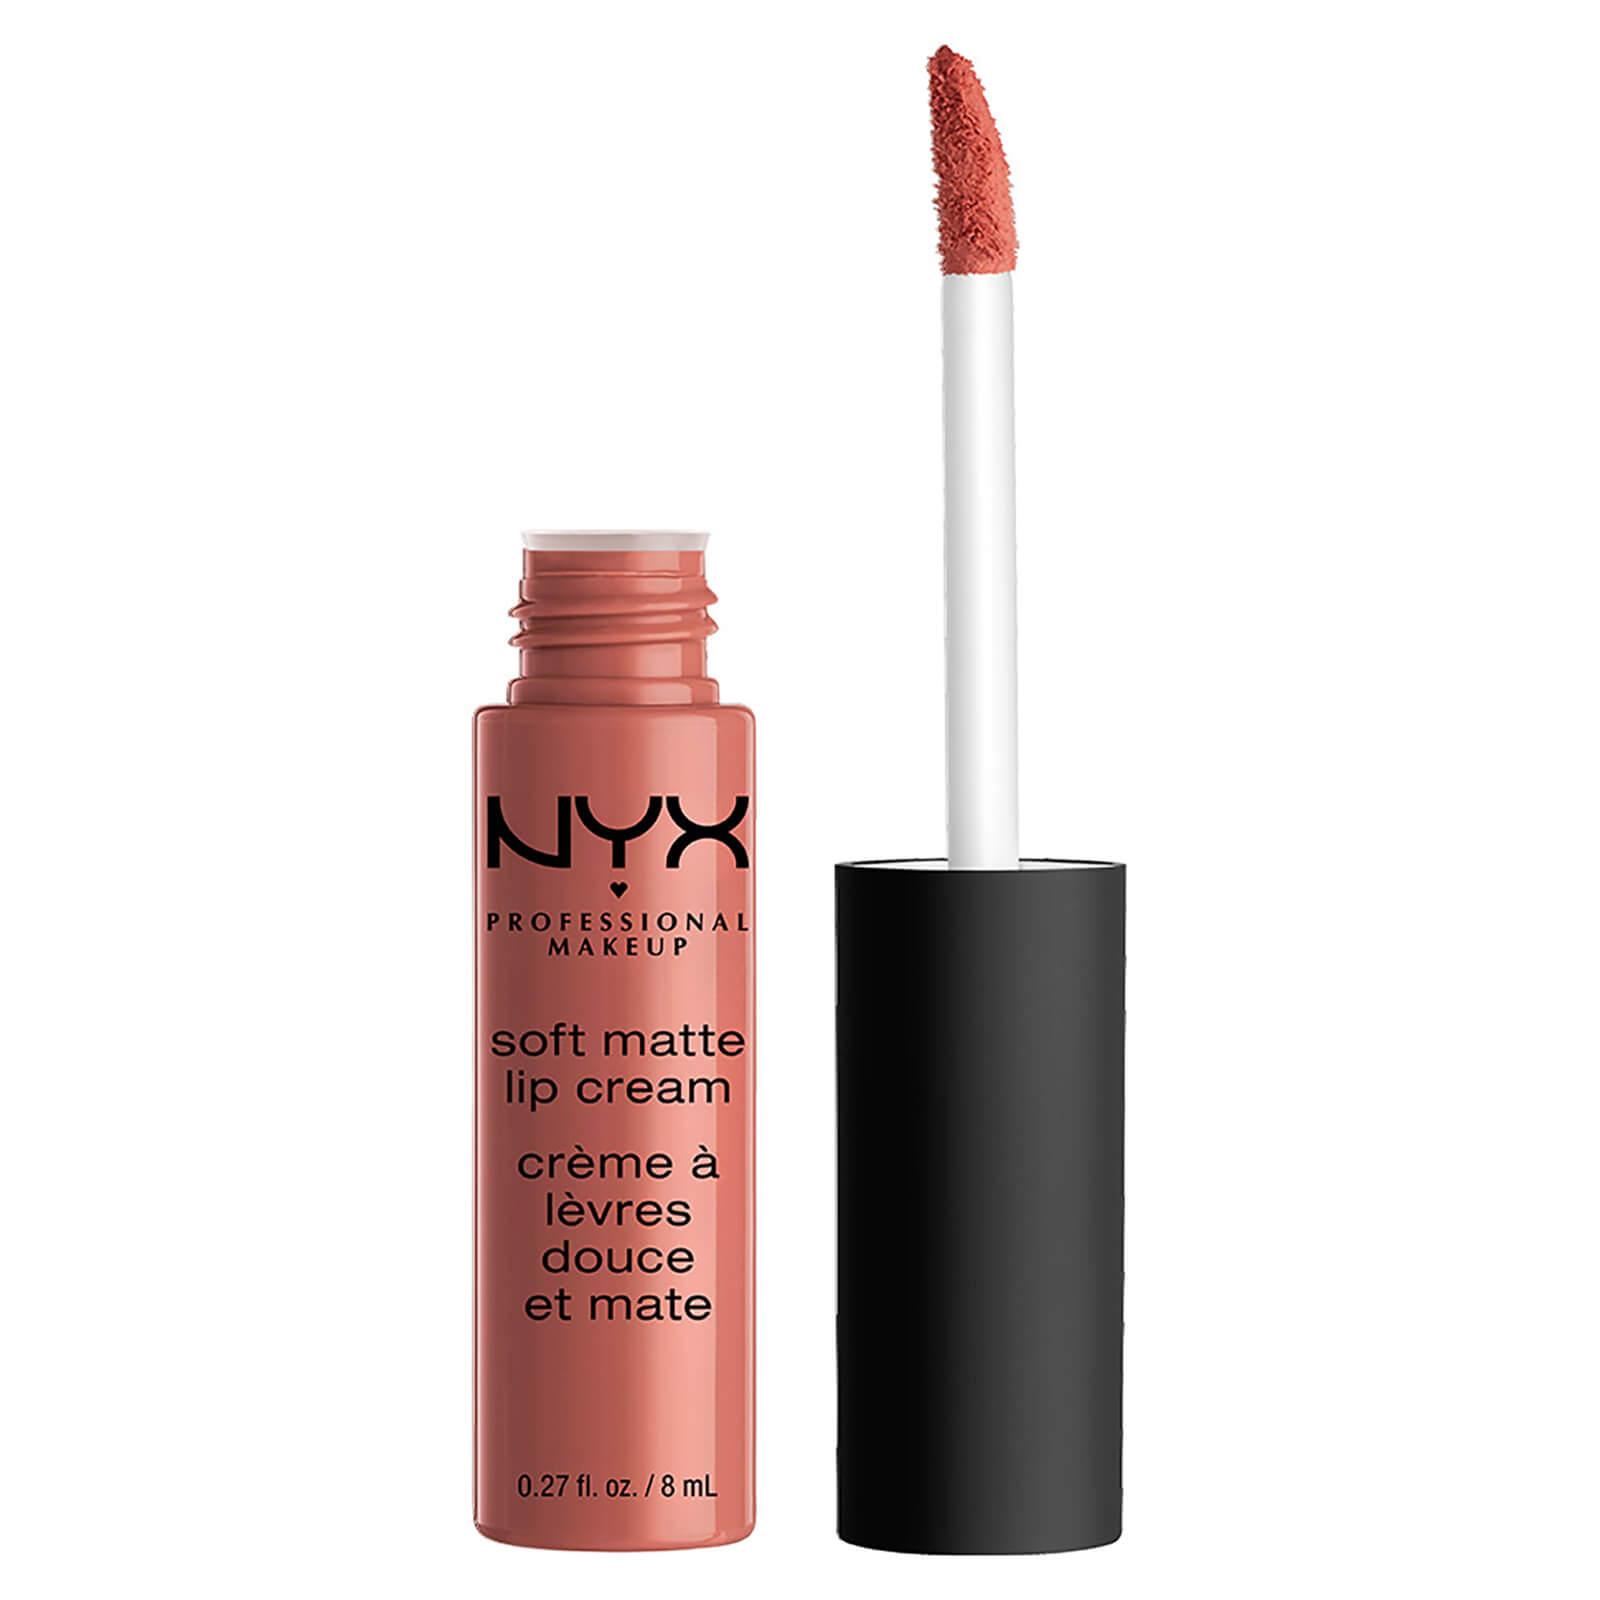 Купить Матовая жидкая помада NYX Professional Makeup Soft Matte Lip Cream (разные оттенки) - Cannes